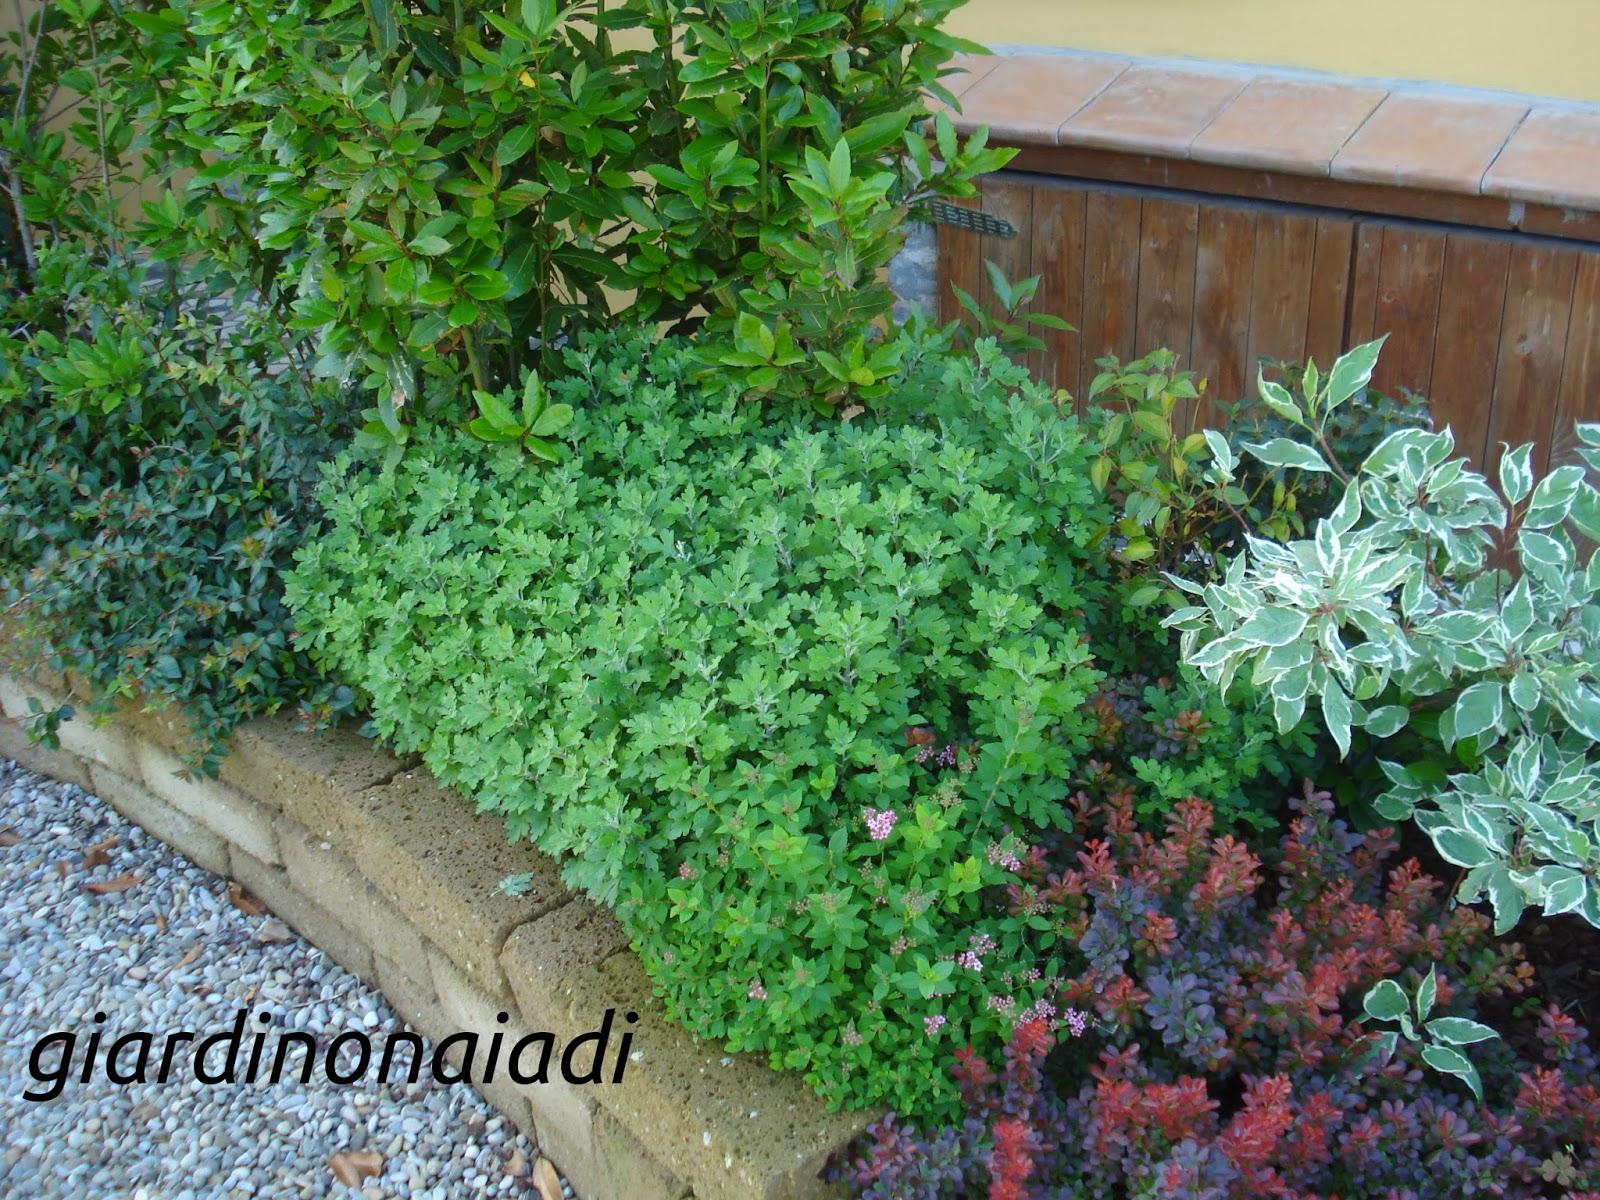 Il giardino delle naiadi progettare bordure e aiuole for Piante da aiuola sempreverdi